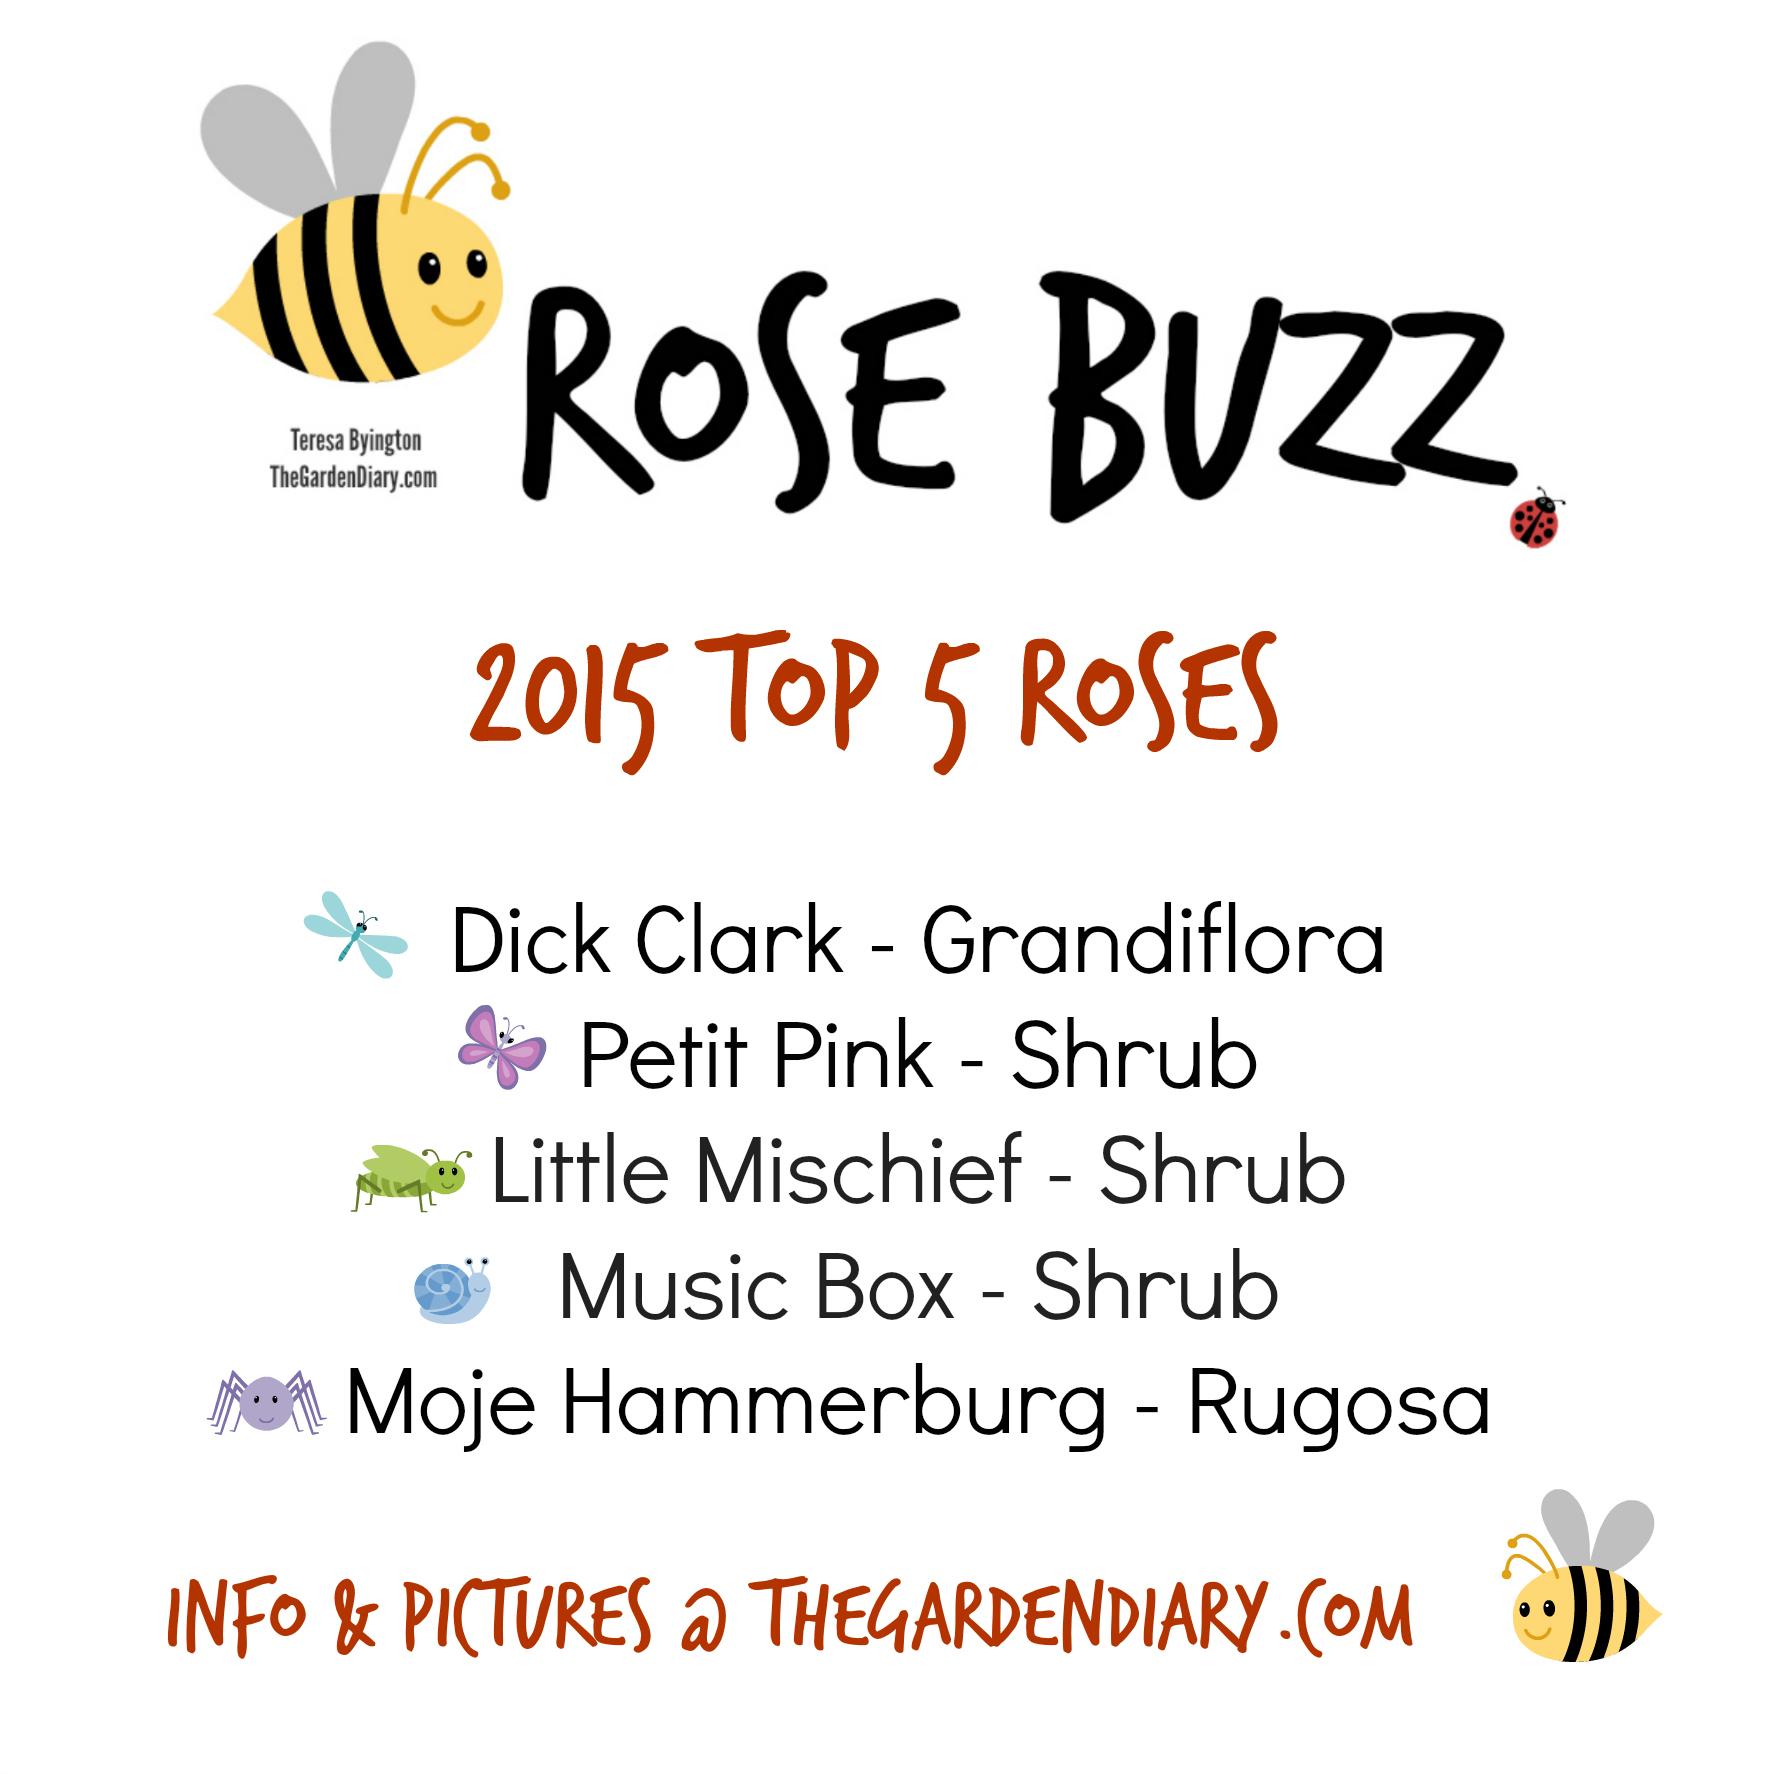 Lleve sus mejores rosas al show de rosas